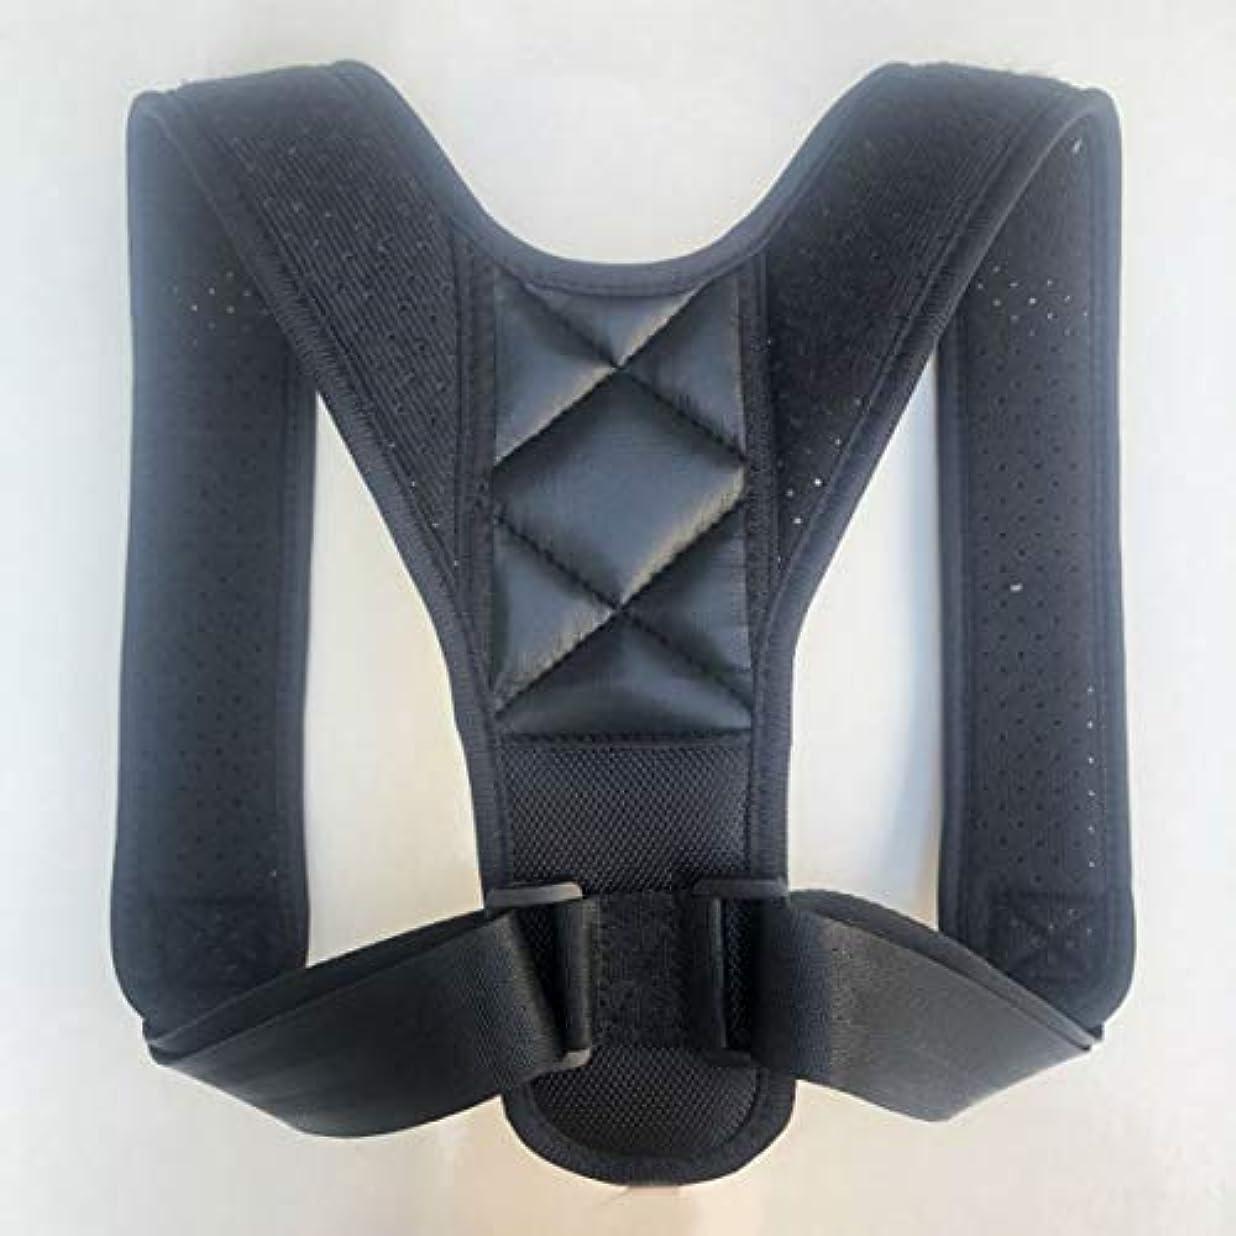 ブロンズに沿って栄養アッパーバックポスチャーコレクター姿勢鎖骨サポートコレクターバックストレートショルダーブレースストラップコレクター - ブラック